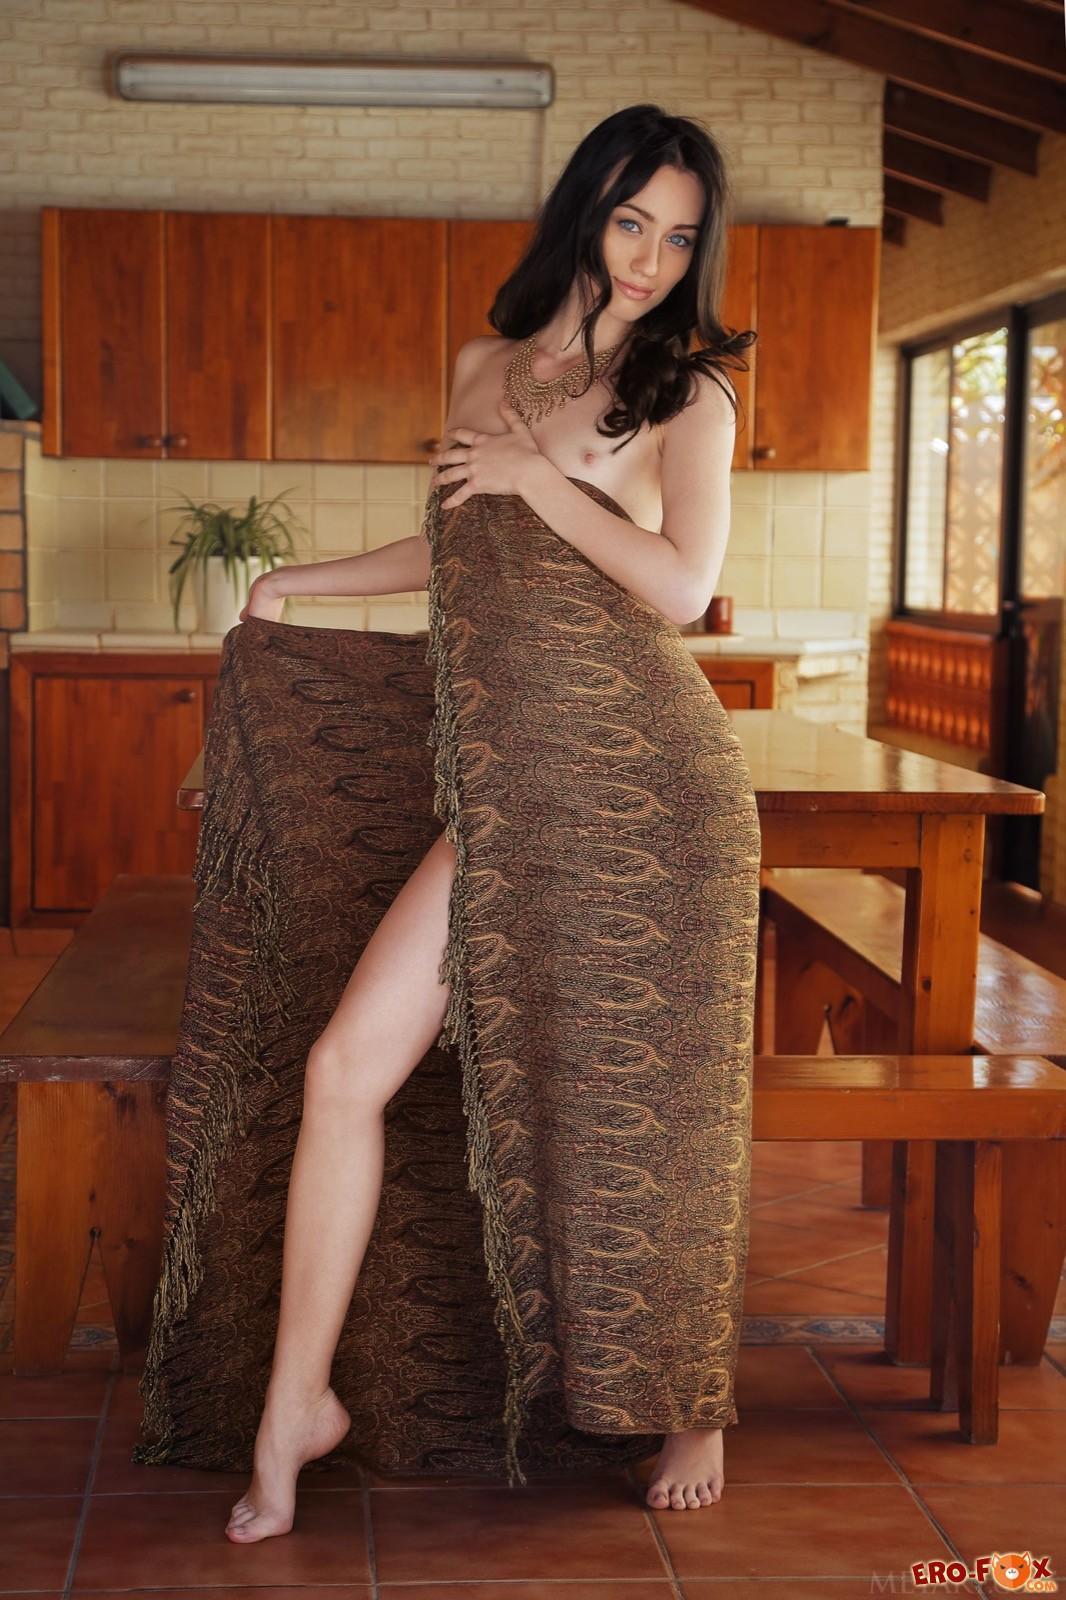 Обнажённая брюнетка с красивыми ногами и попой